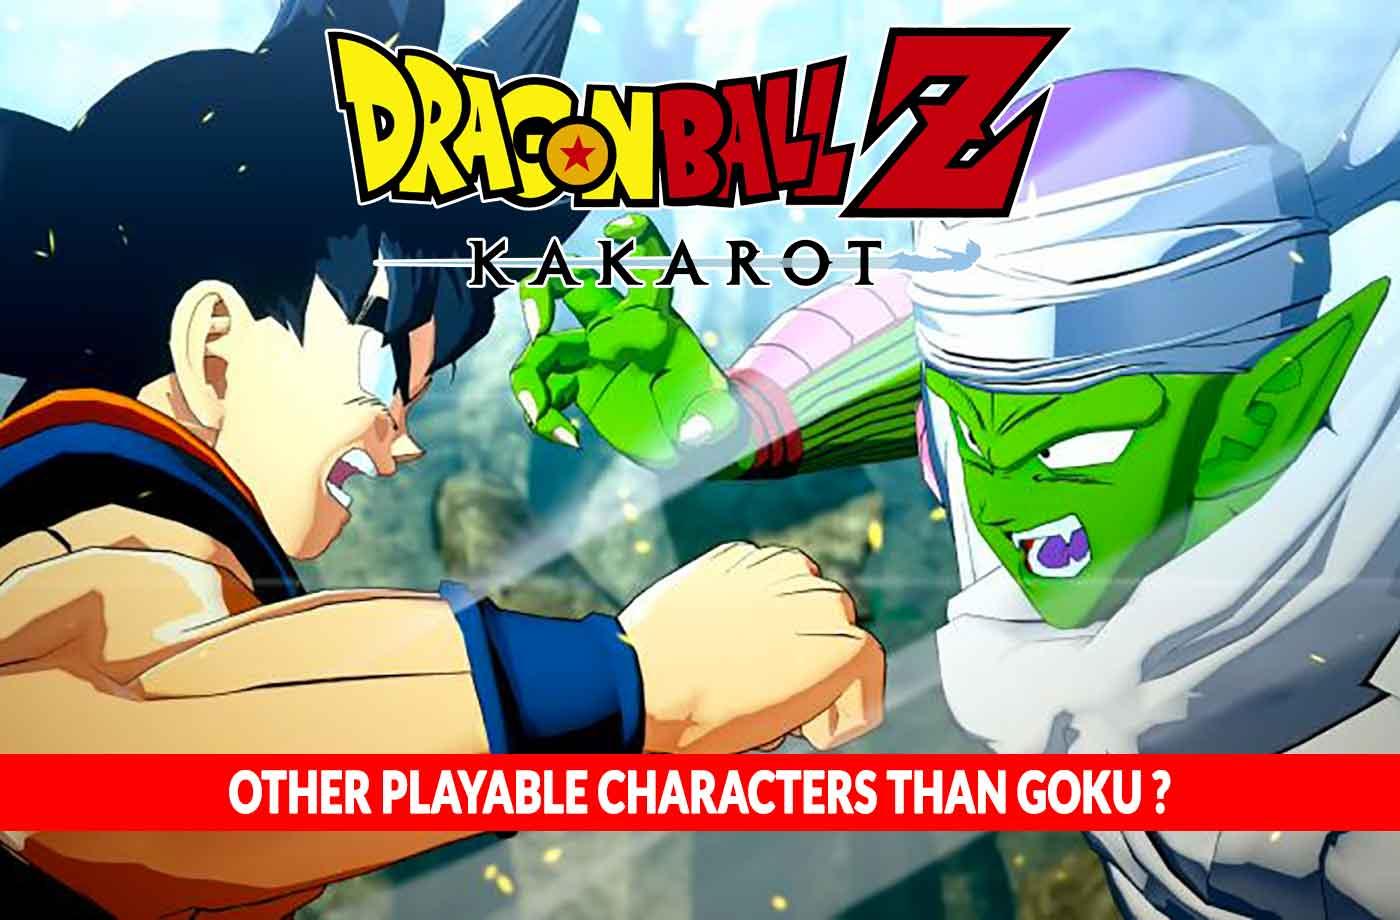 Dragon Ball Z Kakarot other playable characters than Goku